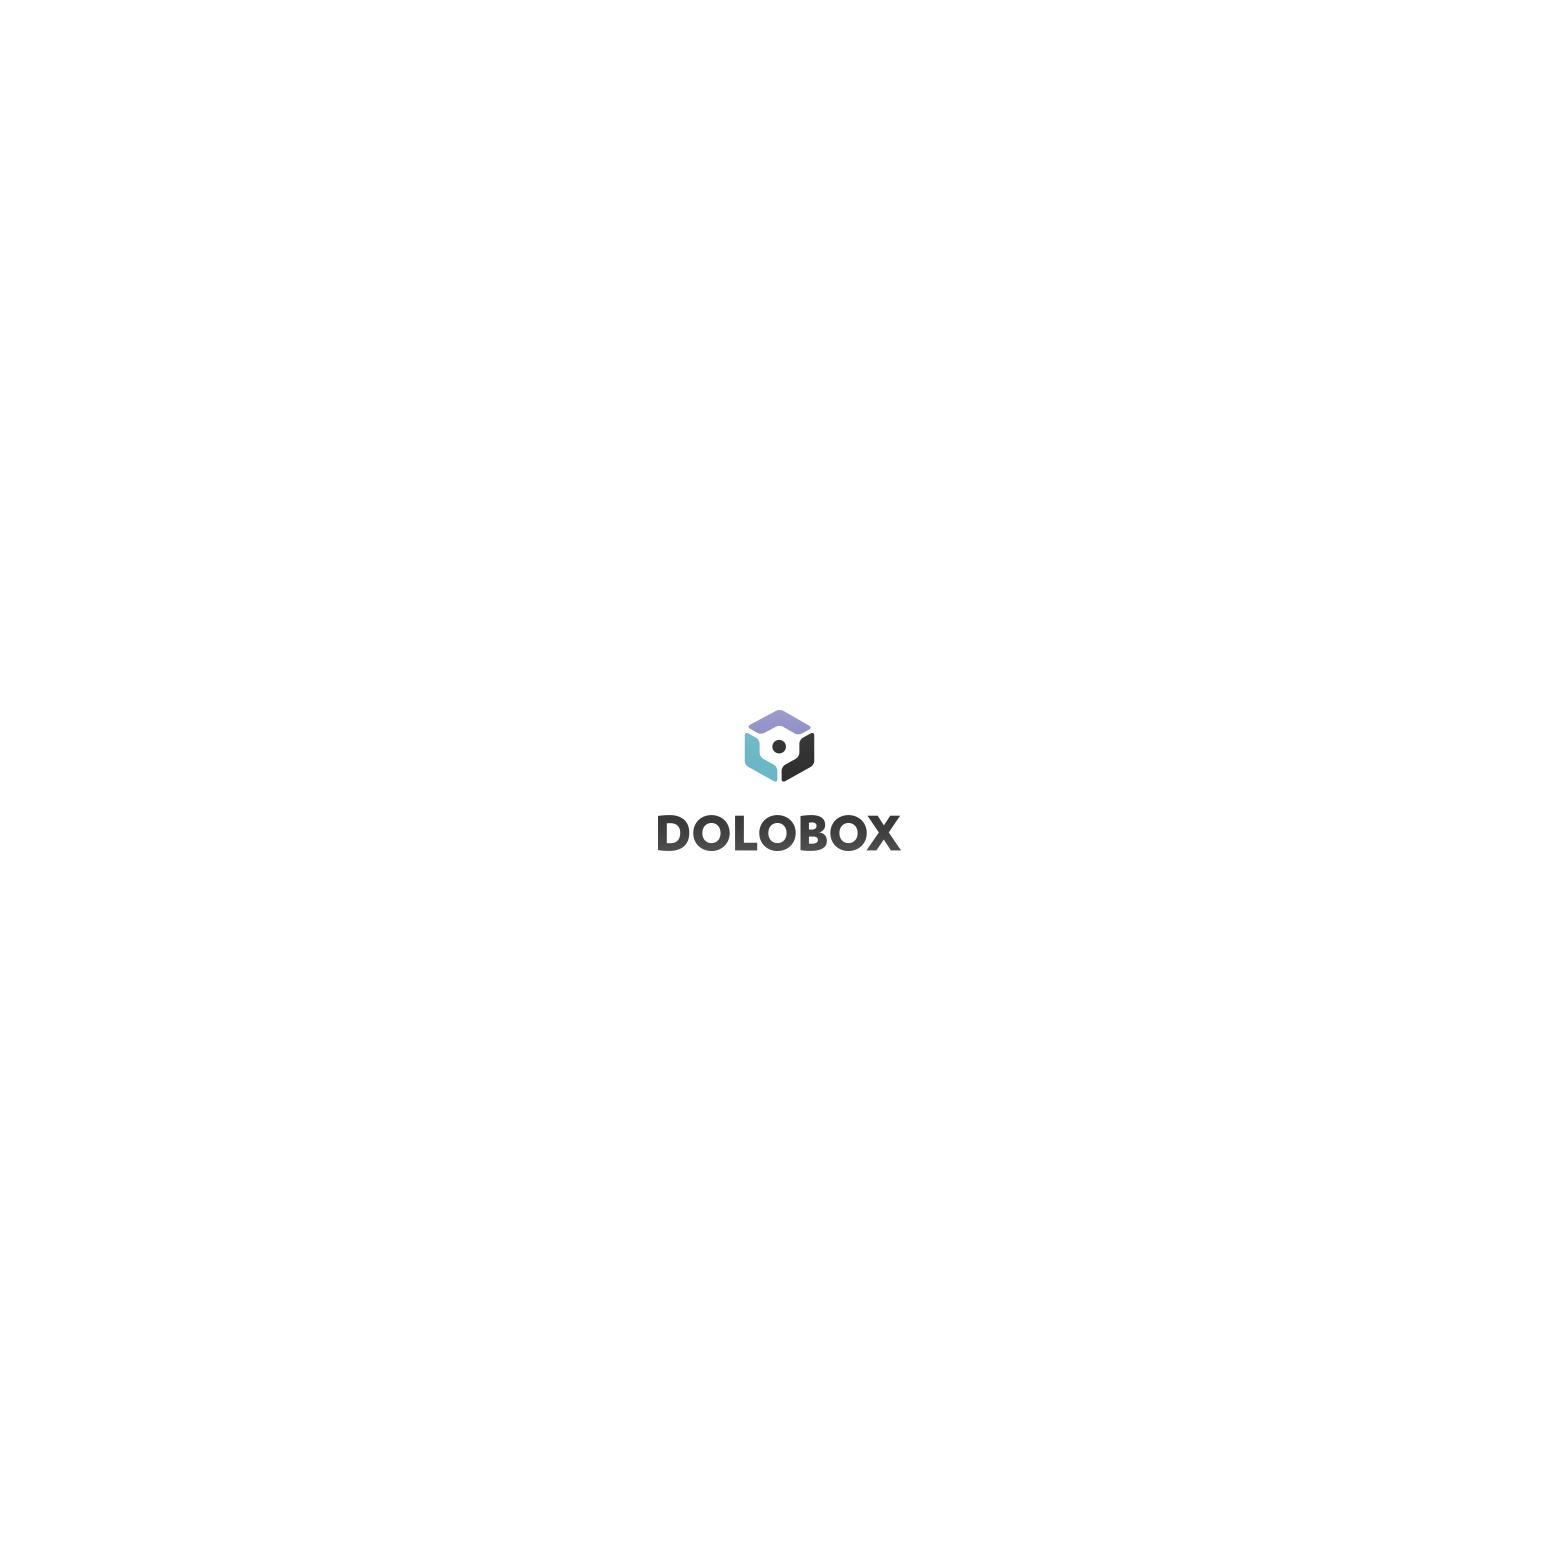 dolobox_logo_02.jpg